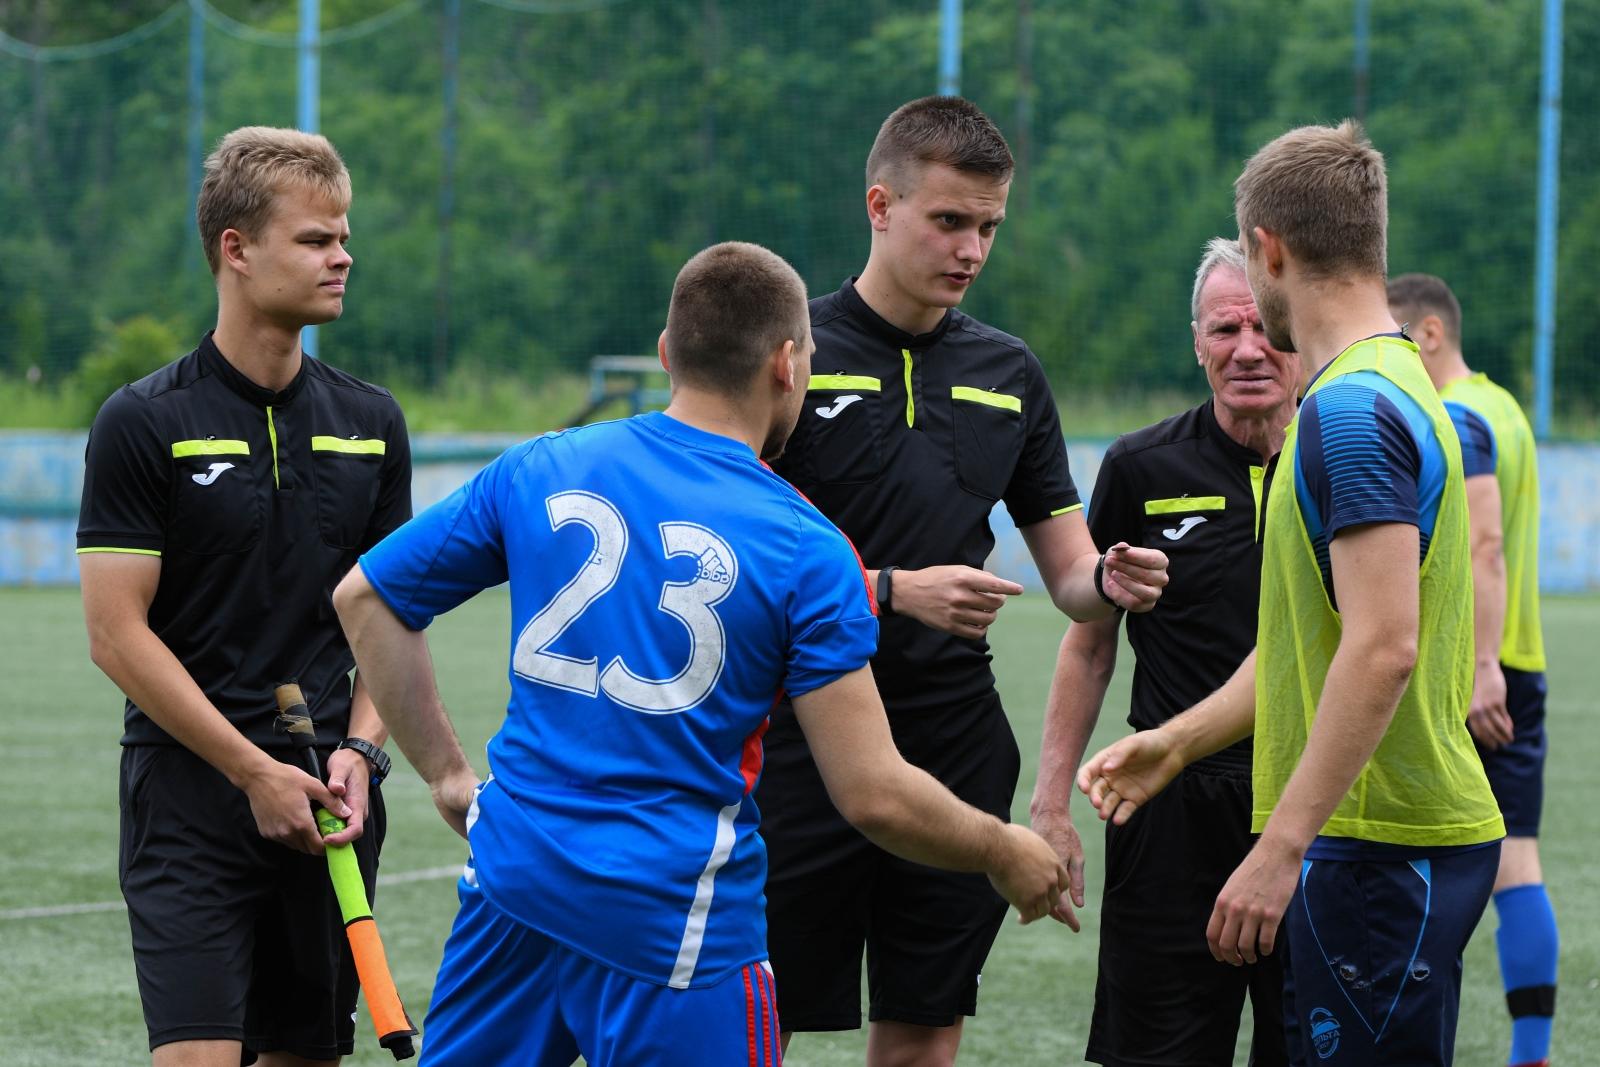 Футбол Владивостока. Новости футбола. Футбол Приморский края. Футбол на Дальнем Востоке